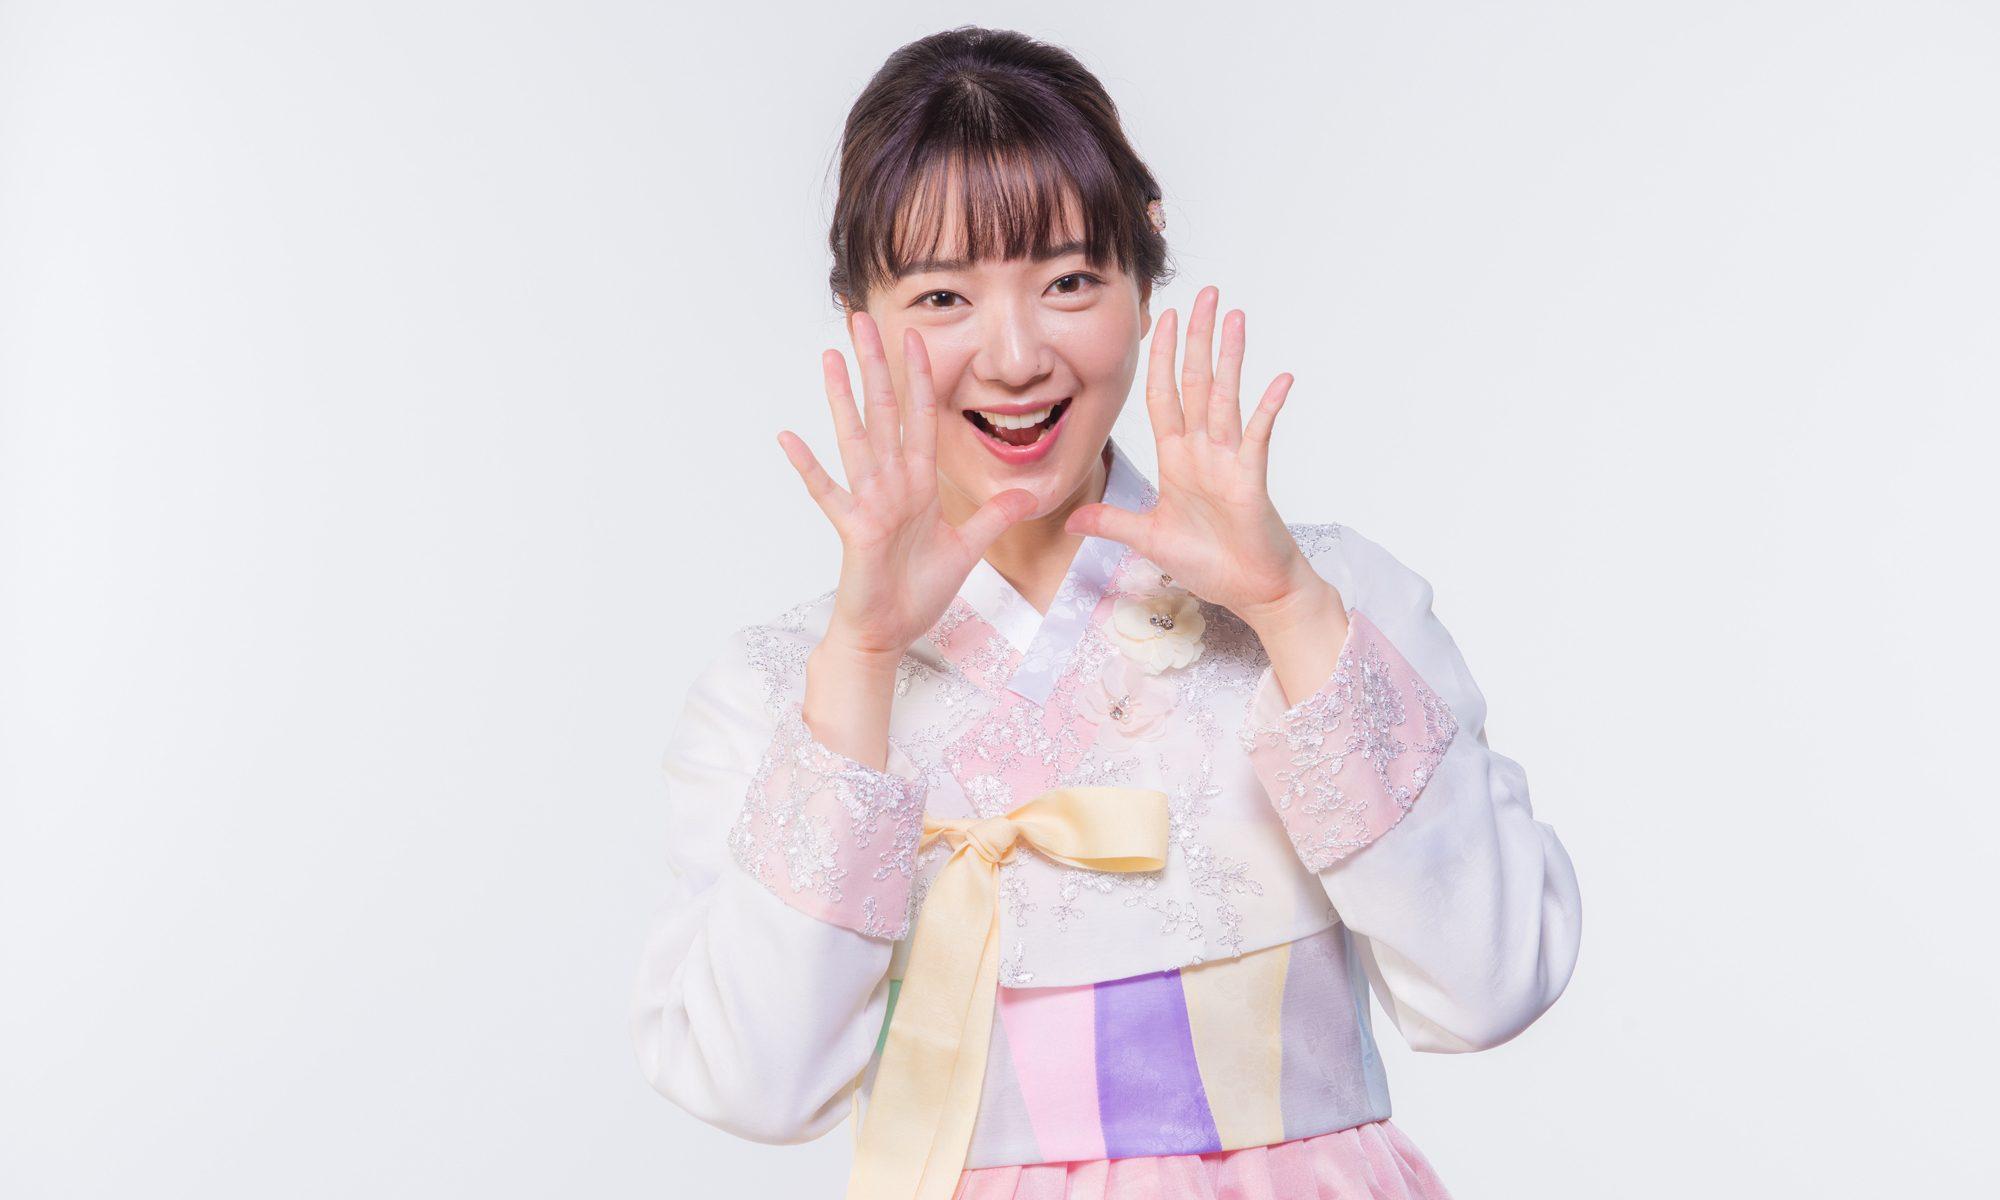 一般社団法人 日本朝鮮族文化交流協会